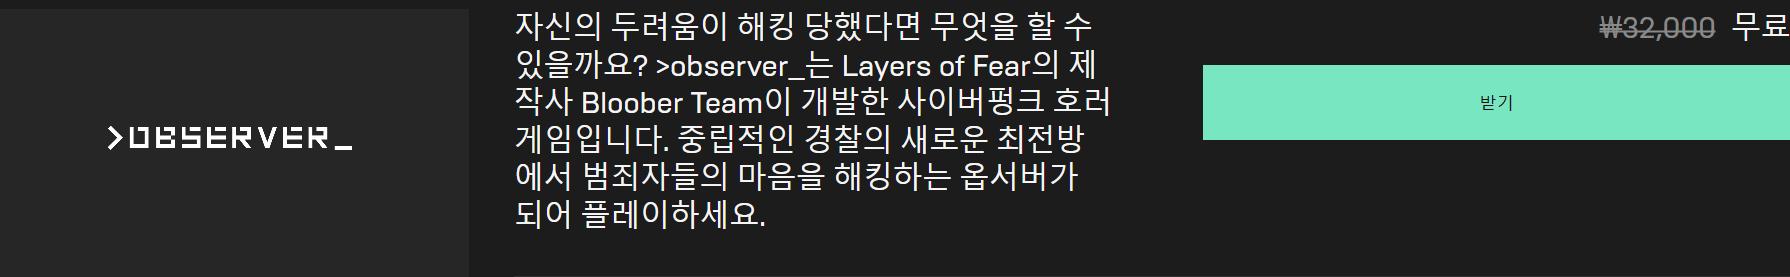 Screenshot_2019-10-18  observer_ - 자신의 두려움이 해킹 당했다면 무엇을 할 수 있을까요 .png